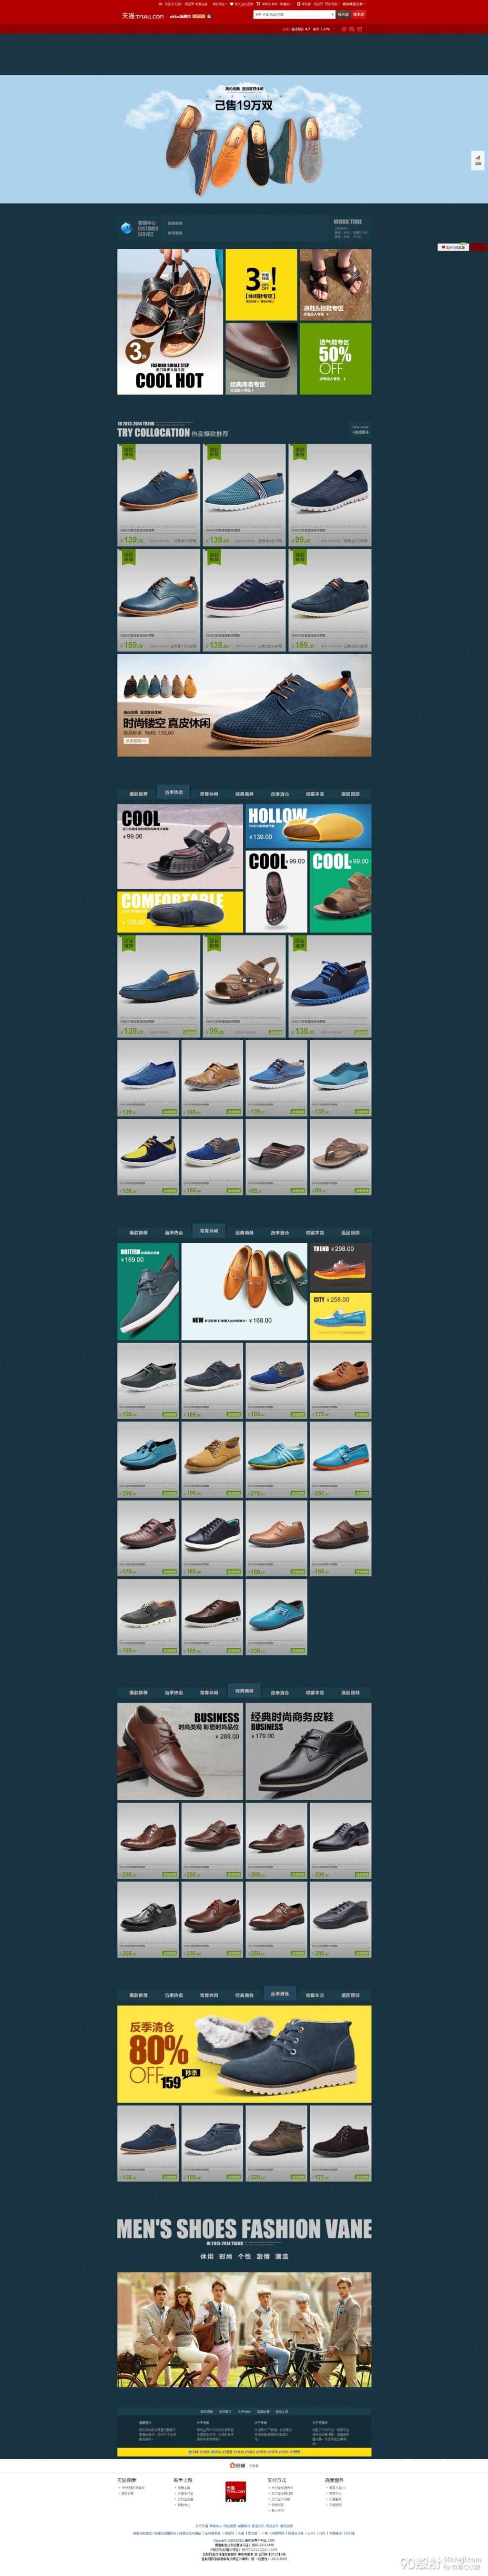 鞋子首页装修效果图_店铺首页设计